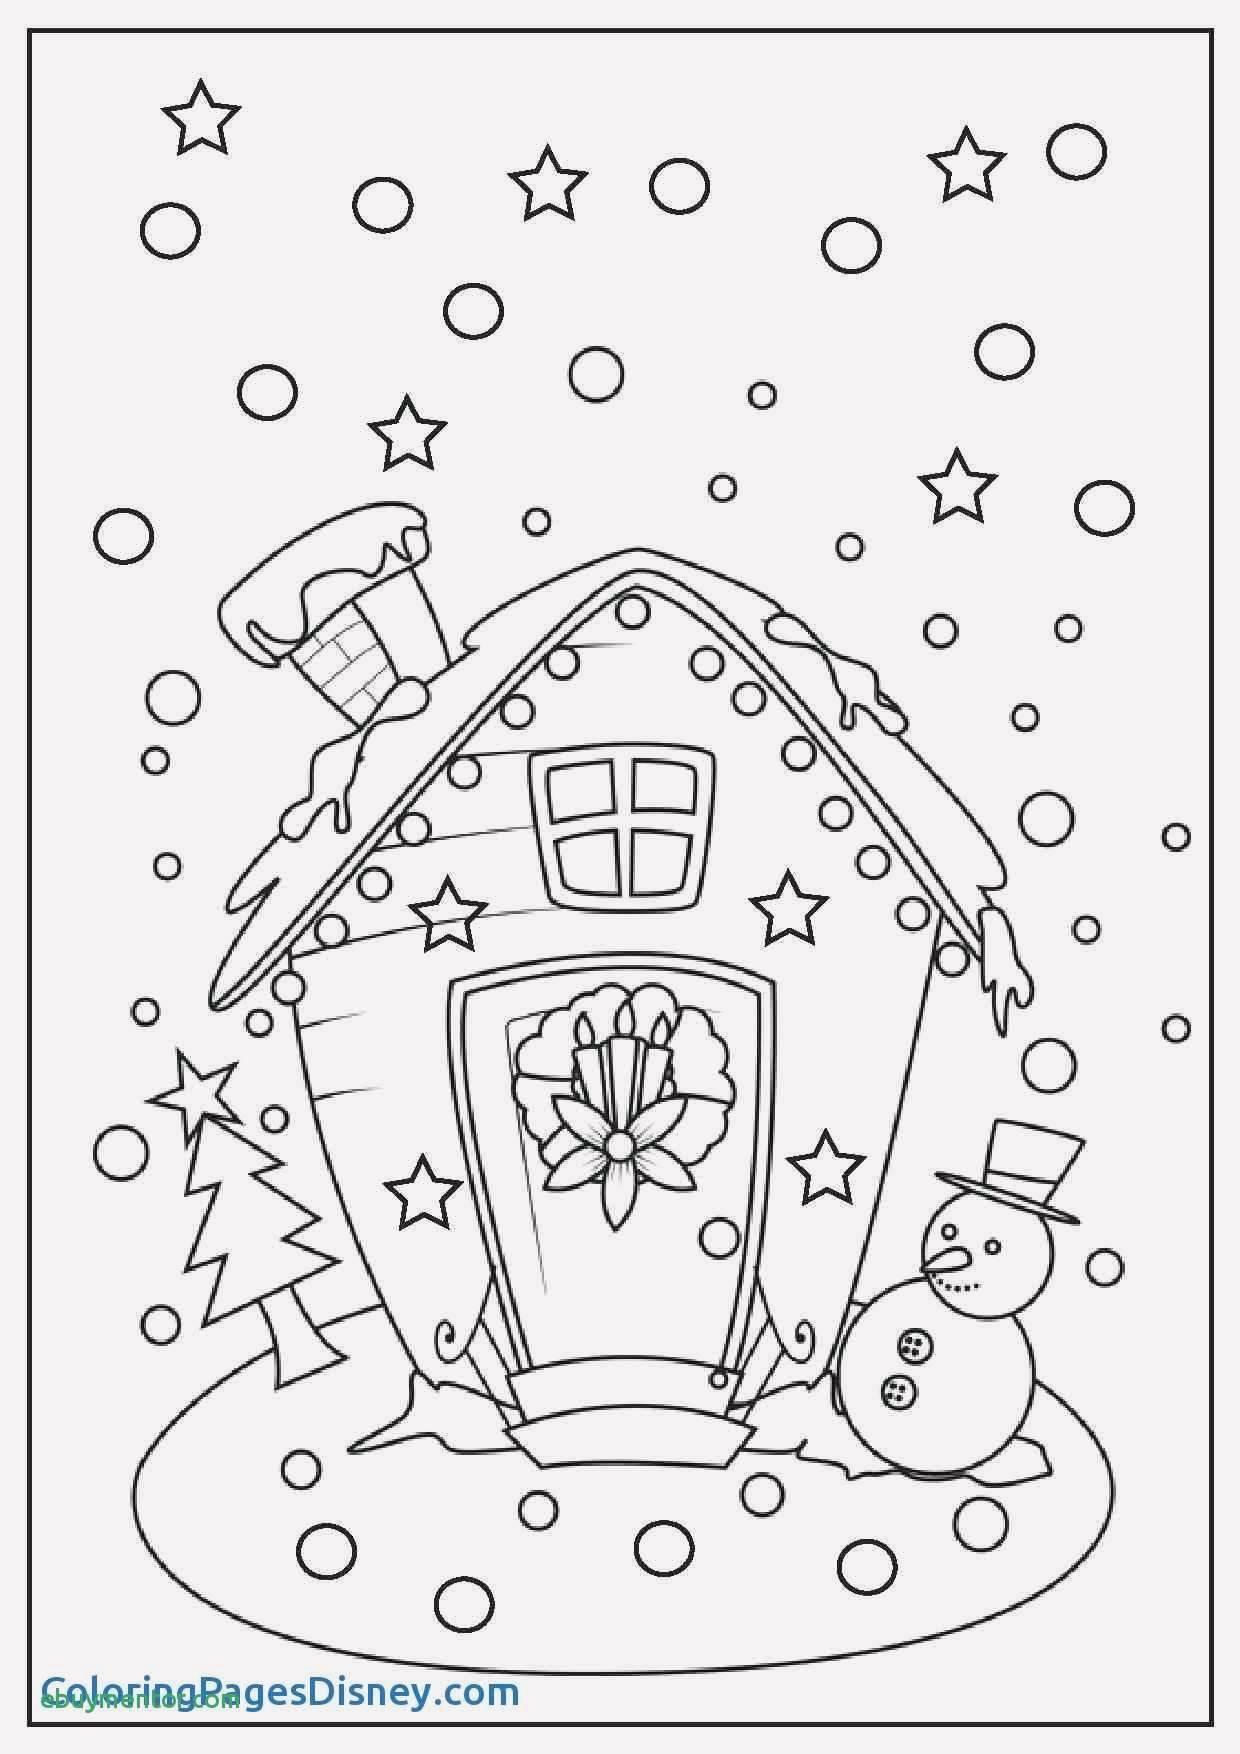 Adler Zeichnungen Zum Ausmalen Inspirierend 25 Erstaunlich Ausmalbilder Weihnachten Olaf Best Adler Bilder